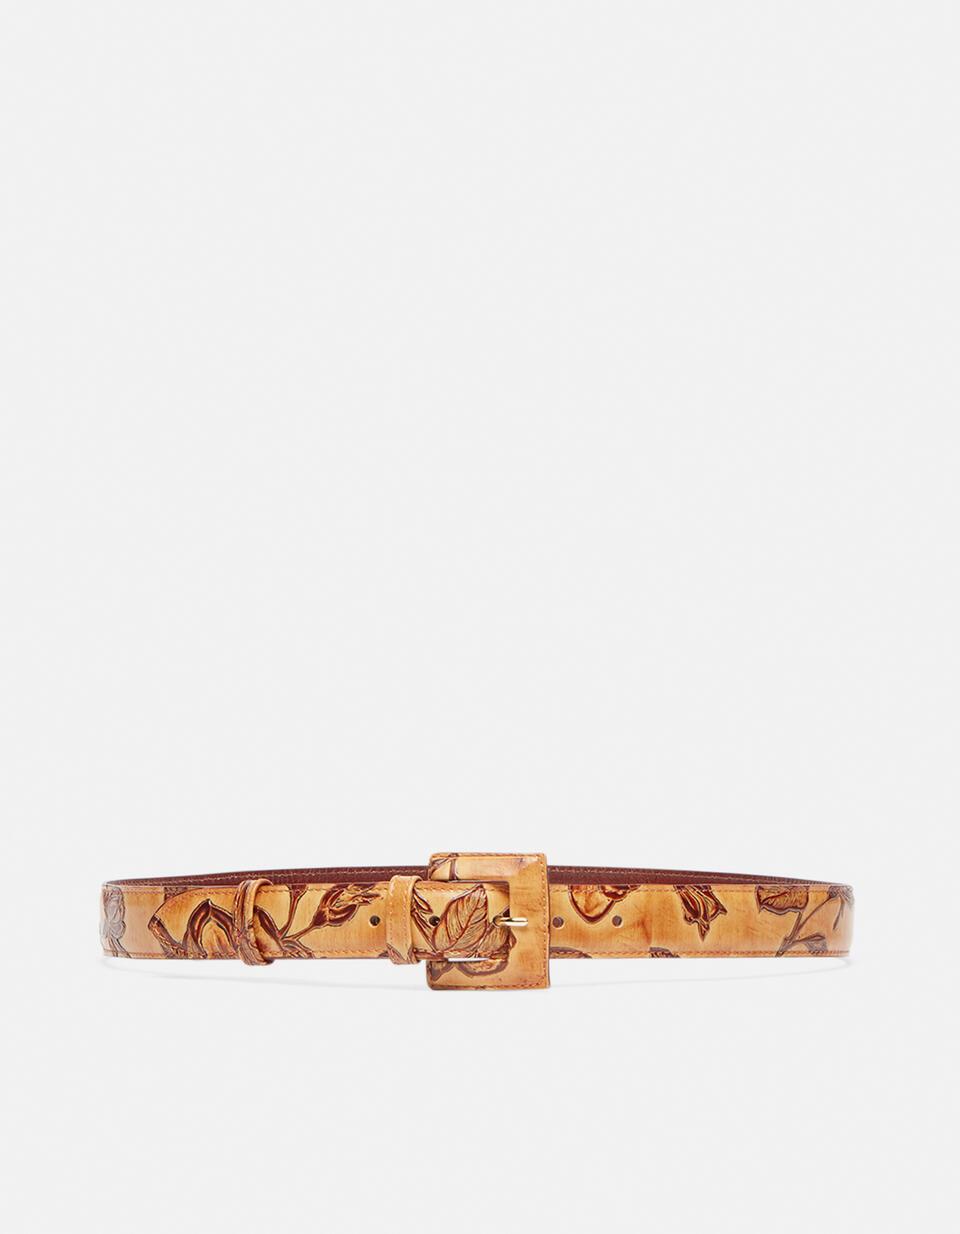 Cintura Mimì da donna media in pelle stampata a rose con fibbia fasciata Mimì BEIGE Cuoieria Fiorentina